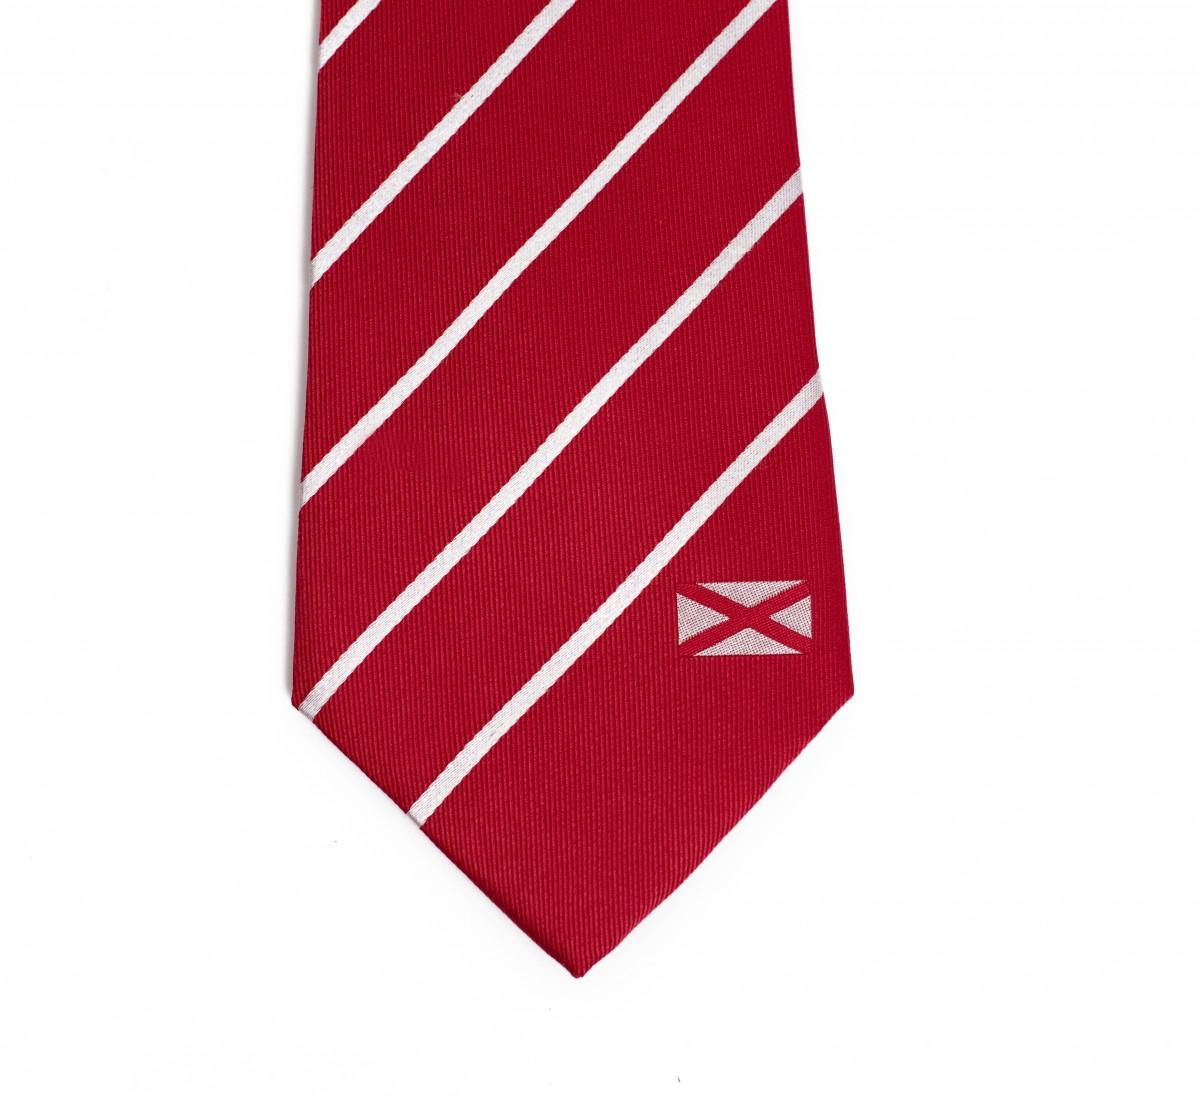 Alabama Tie